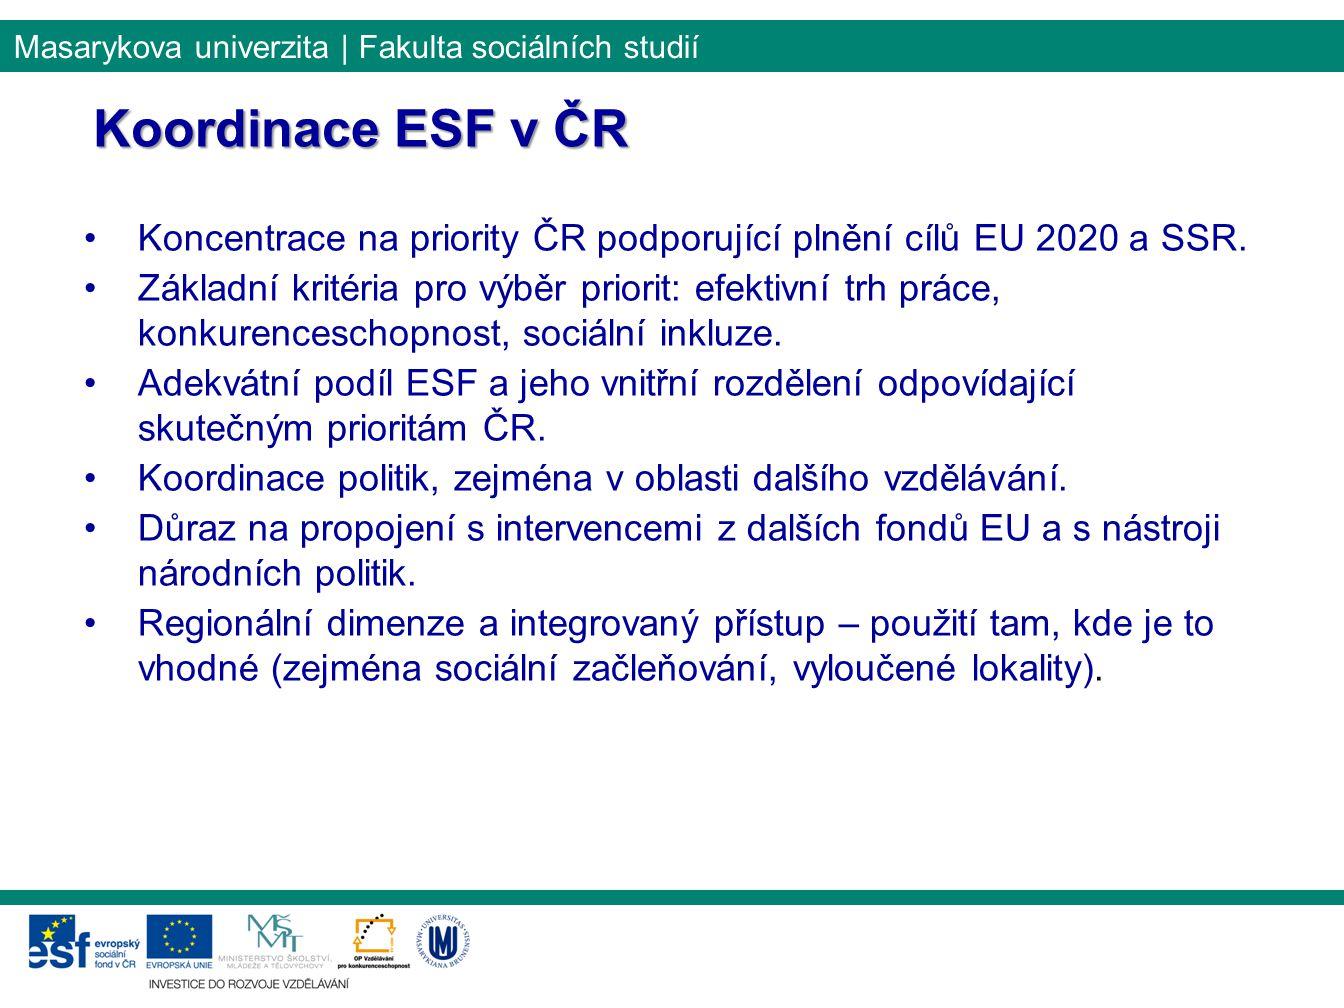 Masarykova univerzita | Fakulta sociálních studií Koordinace ESF v ČR Koncentrace na priority ČR podporující plnění cílů EU 2020 a SSR.